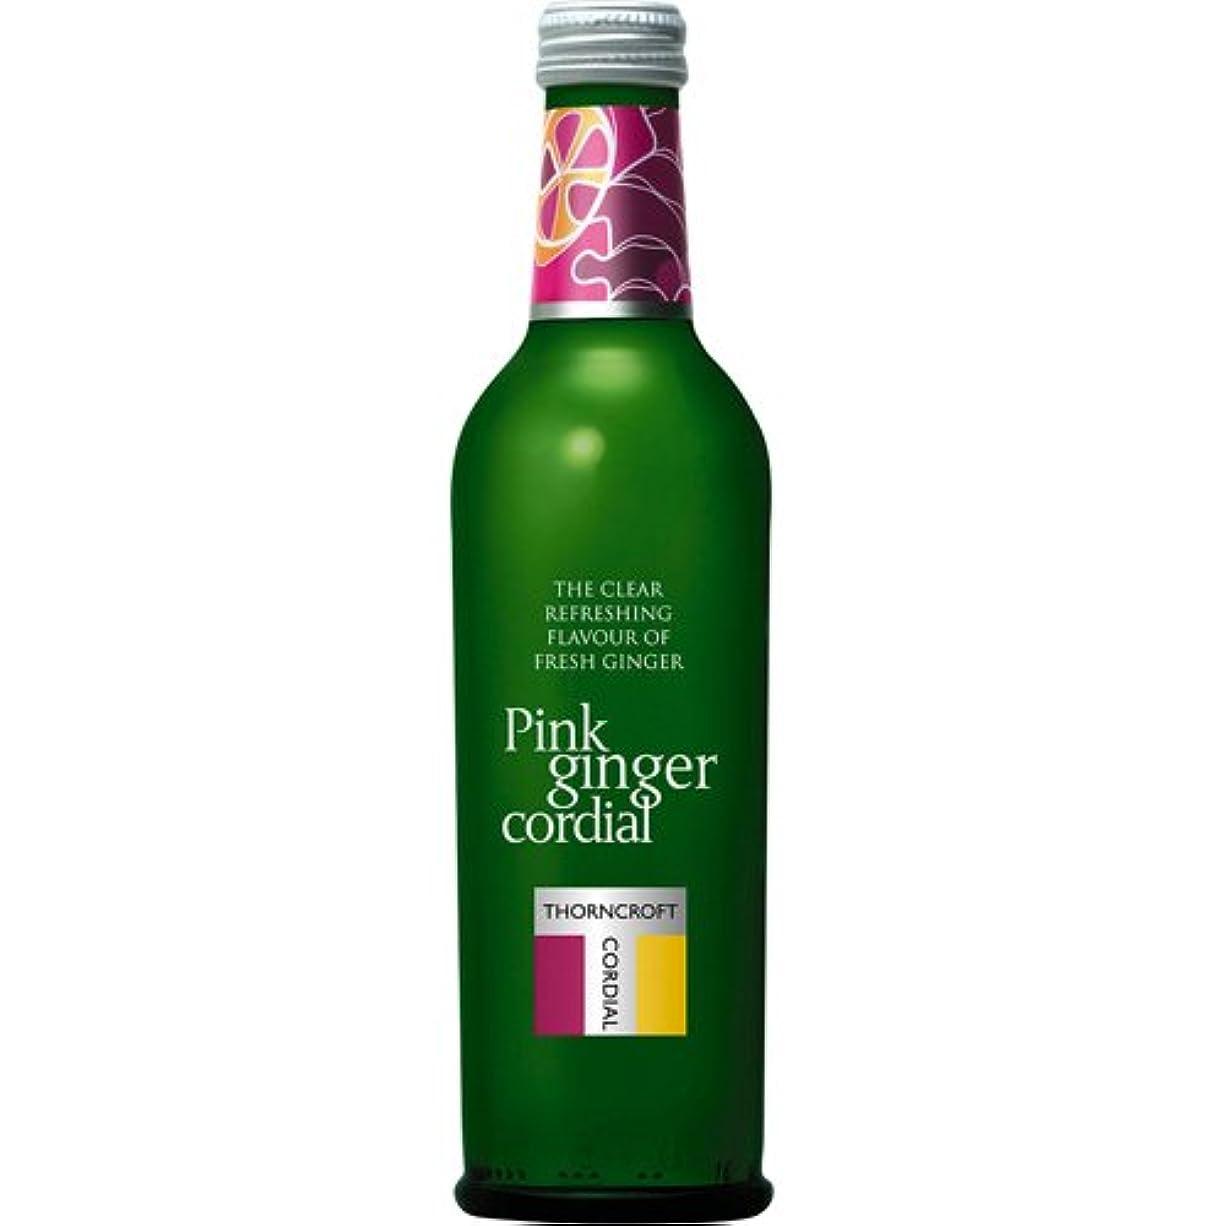 セールスマン谷閉塞ハーブコーディアル ピンクジンジャー 375ml 健康食品 美容サポート 美容ドリンク [並行輸入品]